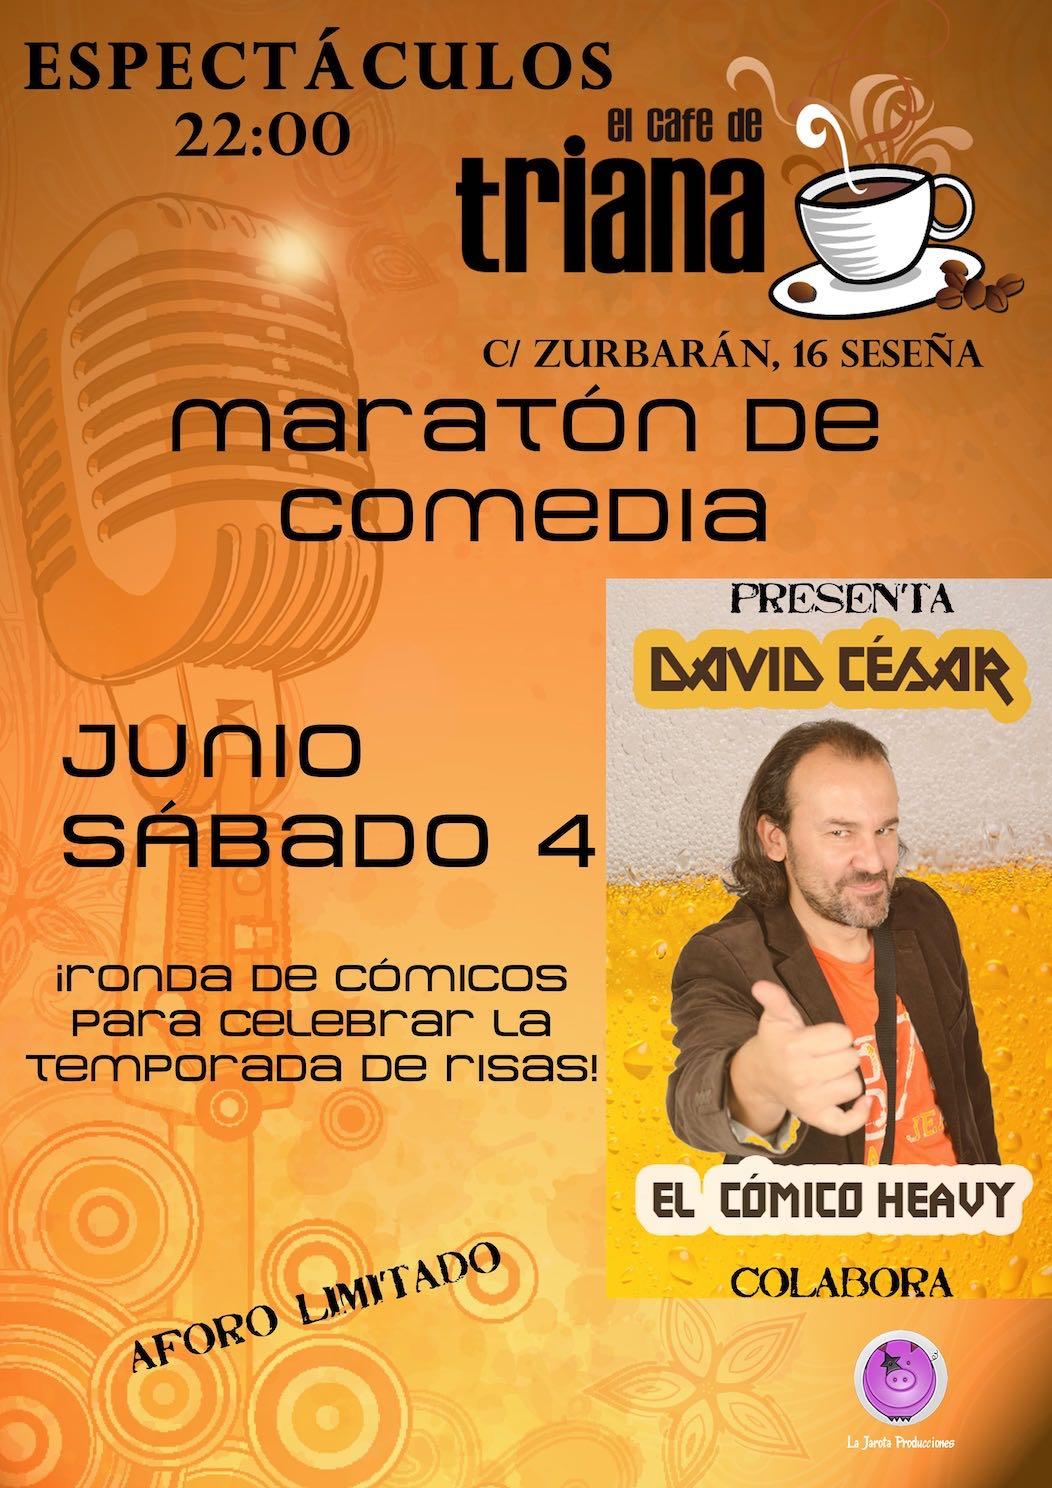 ¡Maratón de Comedia en El Café de Triana!